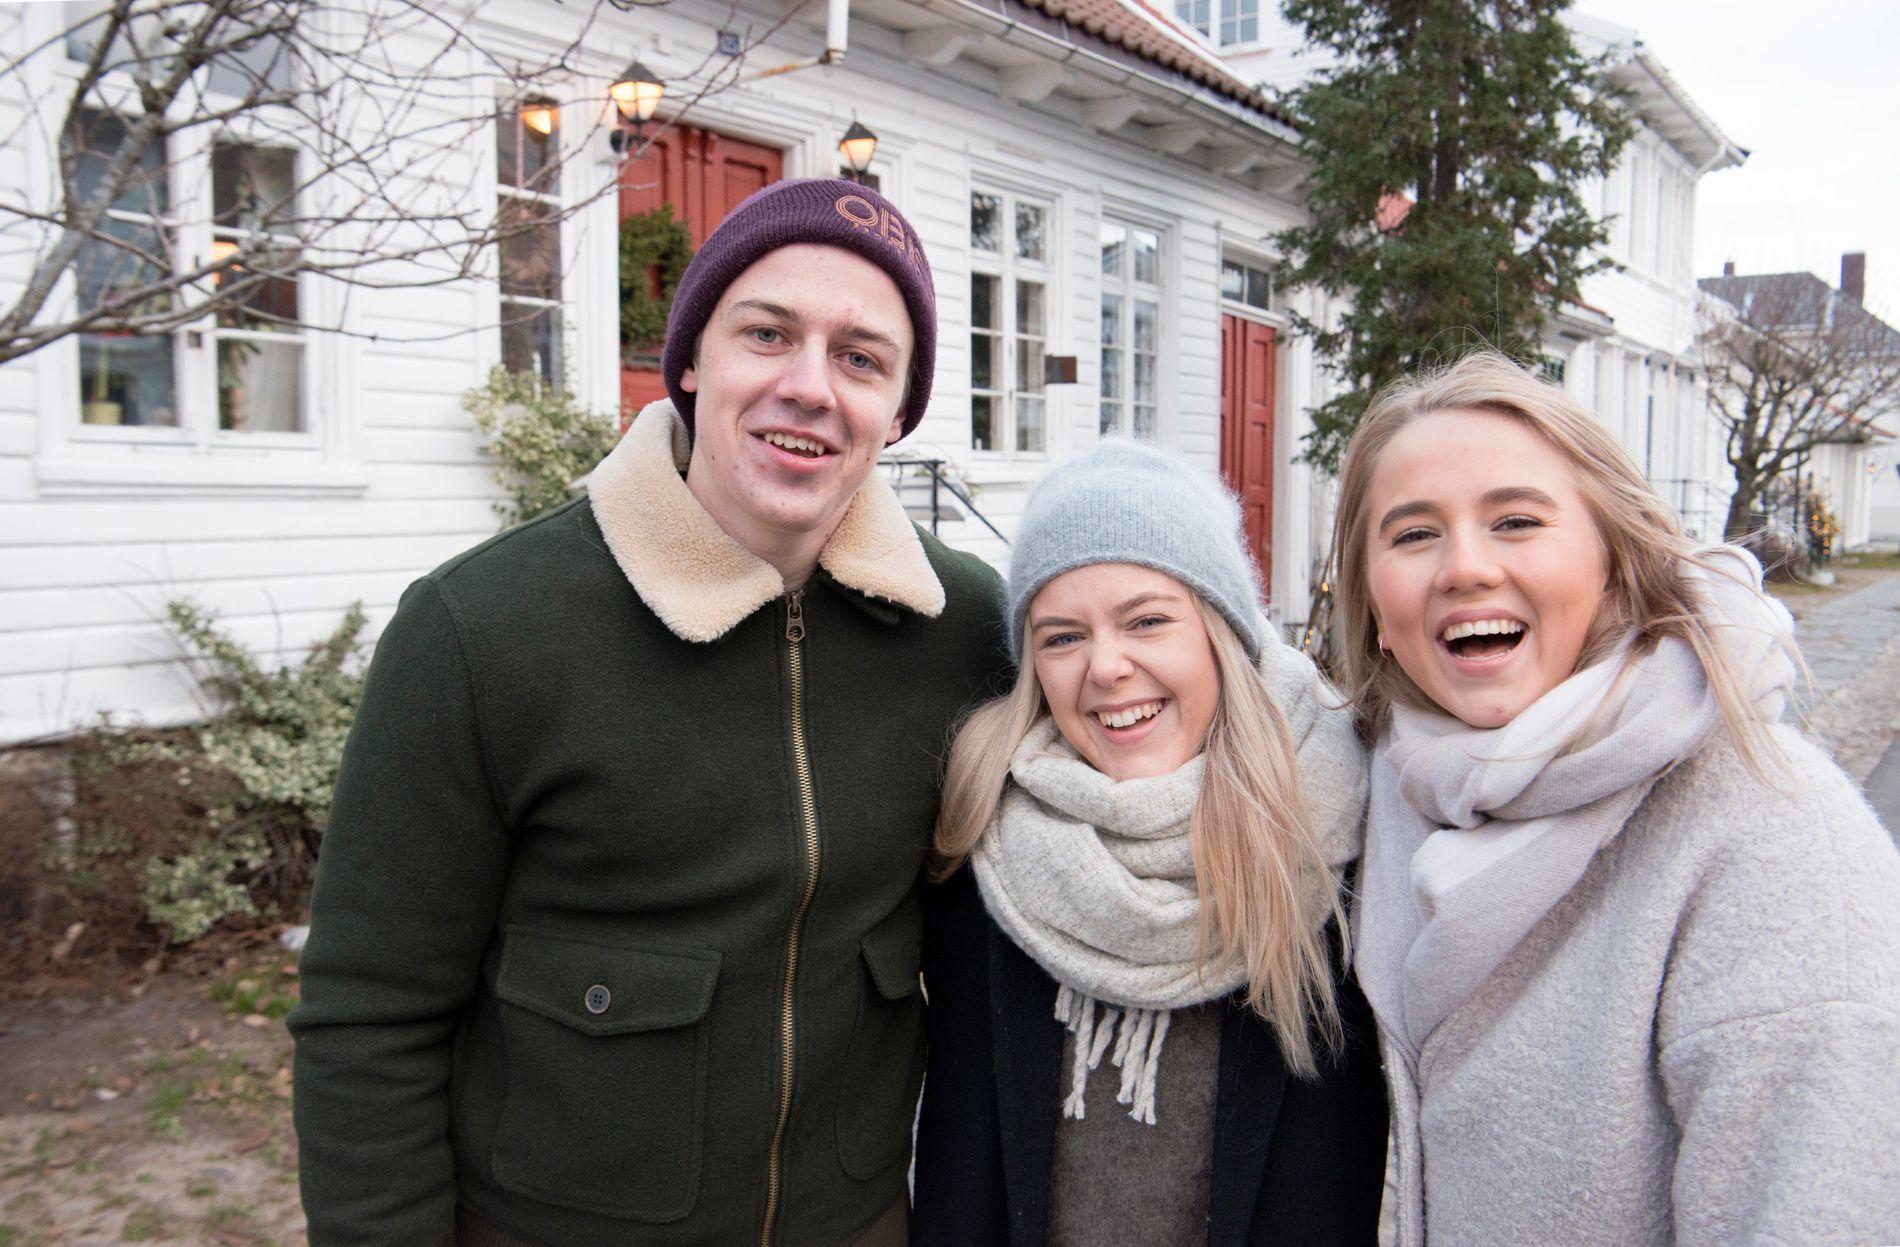 POPULÆRT STRØK: Anders Magnus Berg, Vilde Christiansen og June Amtedal er studenter i Kristiansand. Her er de i Posebyen i sentrum, et ettertraktet strøk å bo i blant unge.